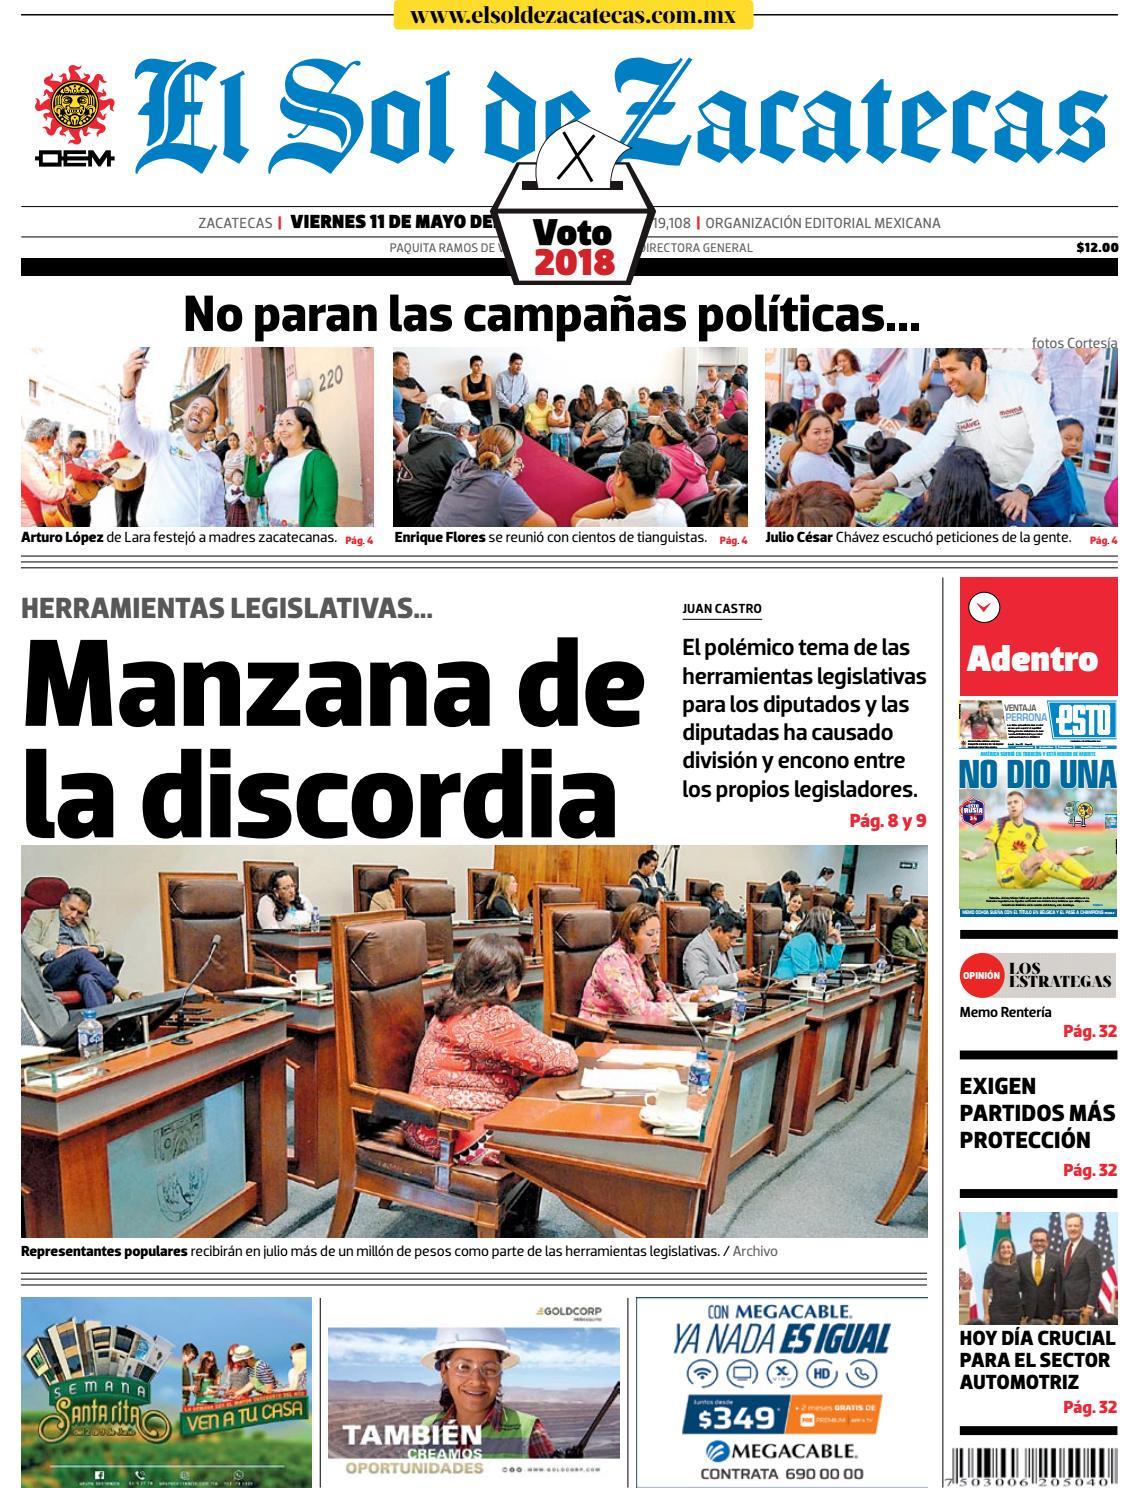 df2e216d85bc El Sol de Zacatecas 11 de mayo 2018 by El Sol de Zacatecas - issuu